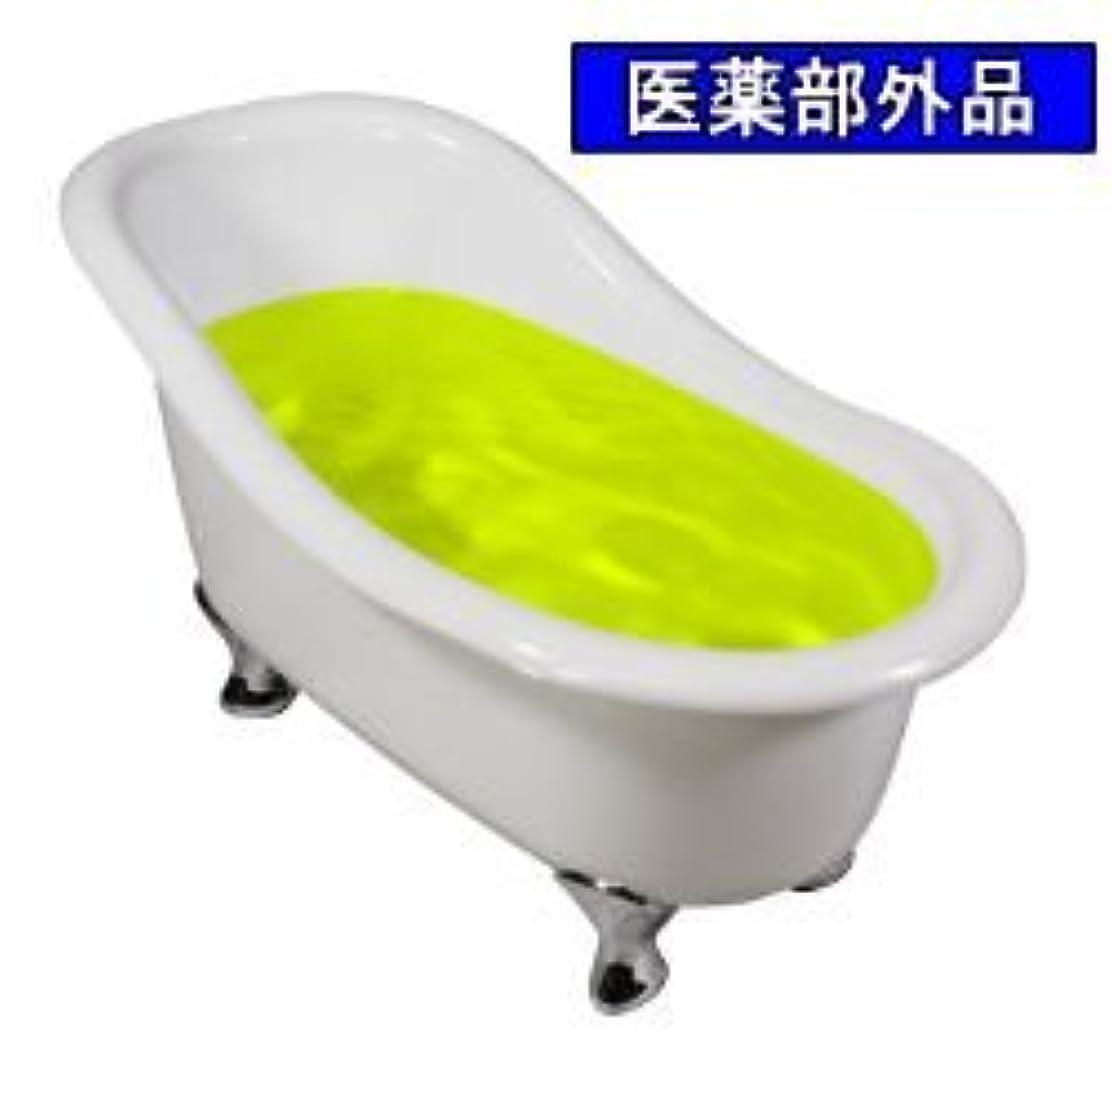 司教仕様東方業務用薬用入浴剤バスフレンド レモン 17kg 医薬部外品